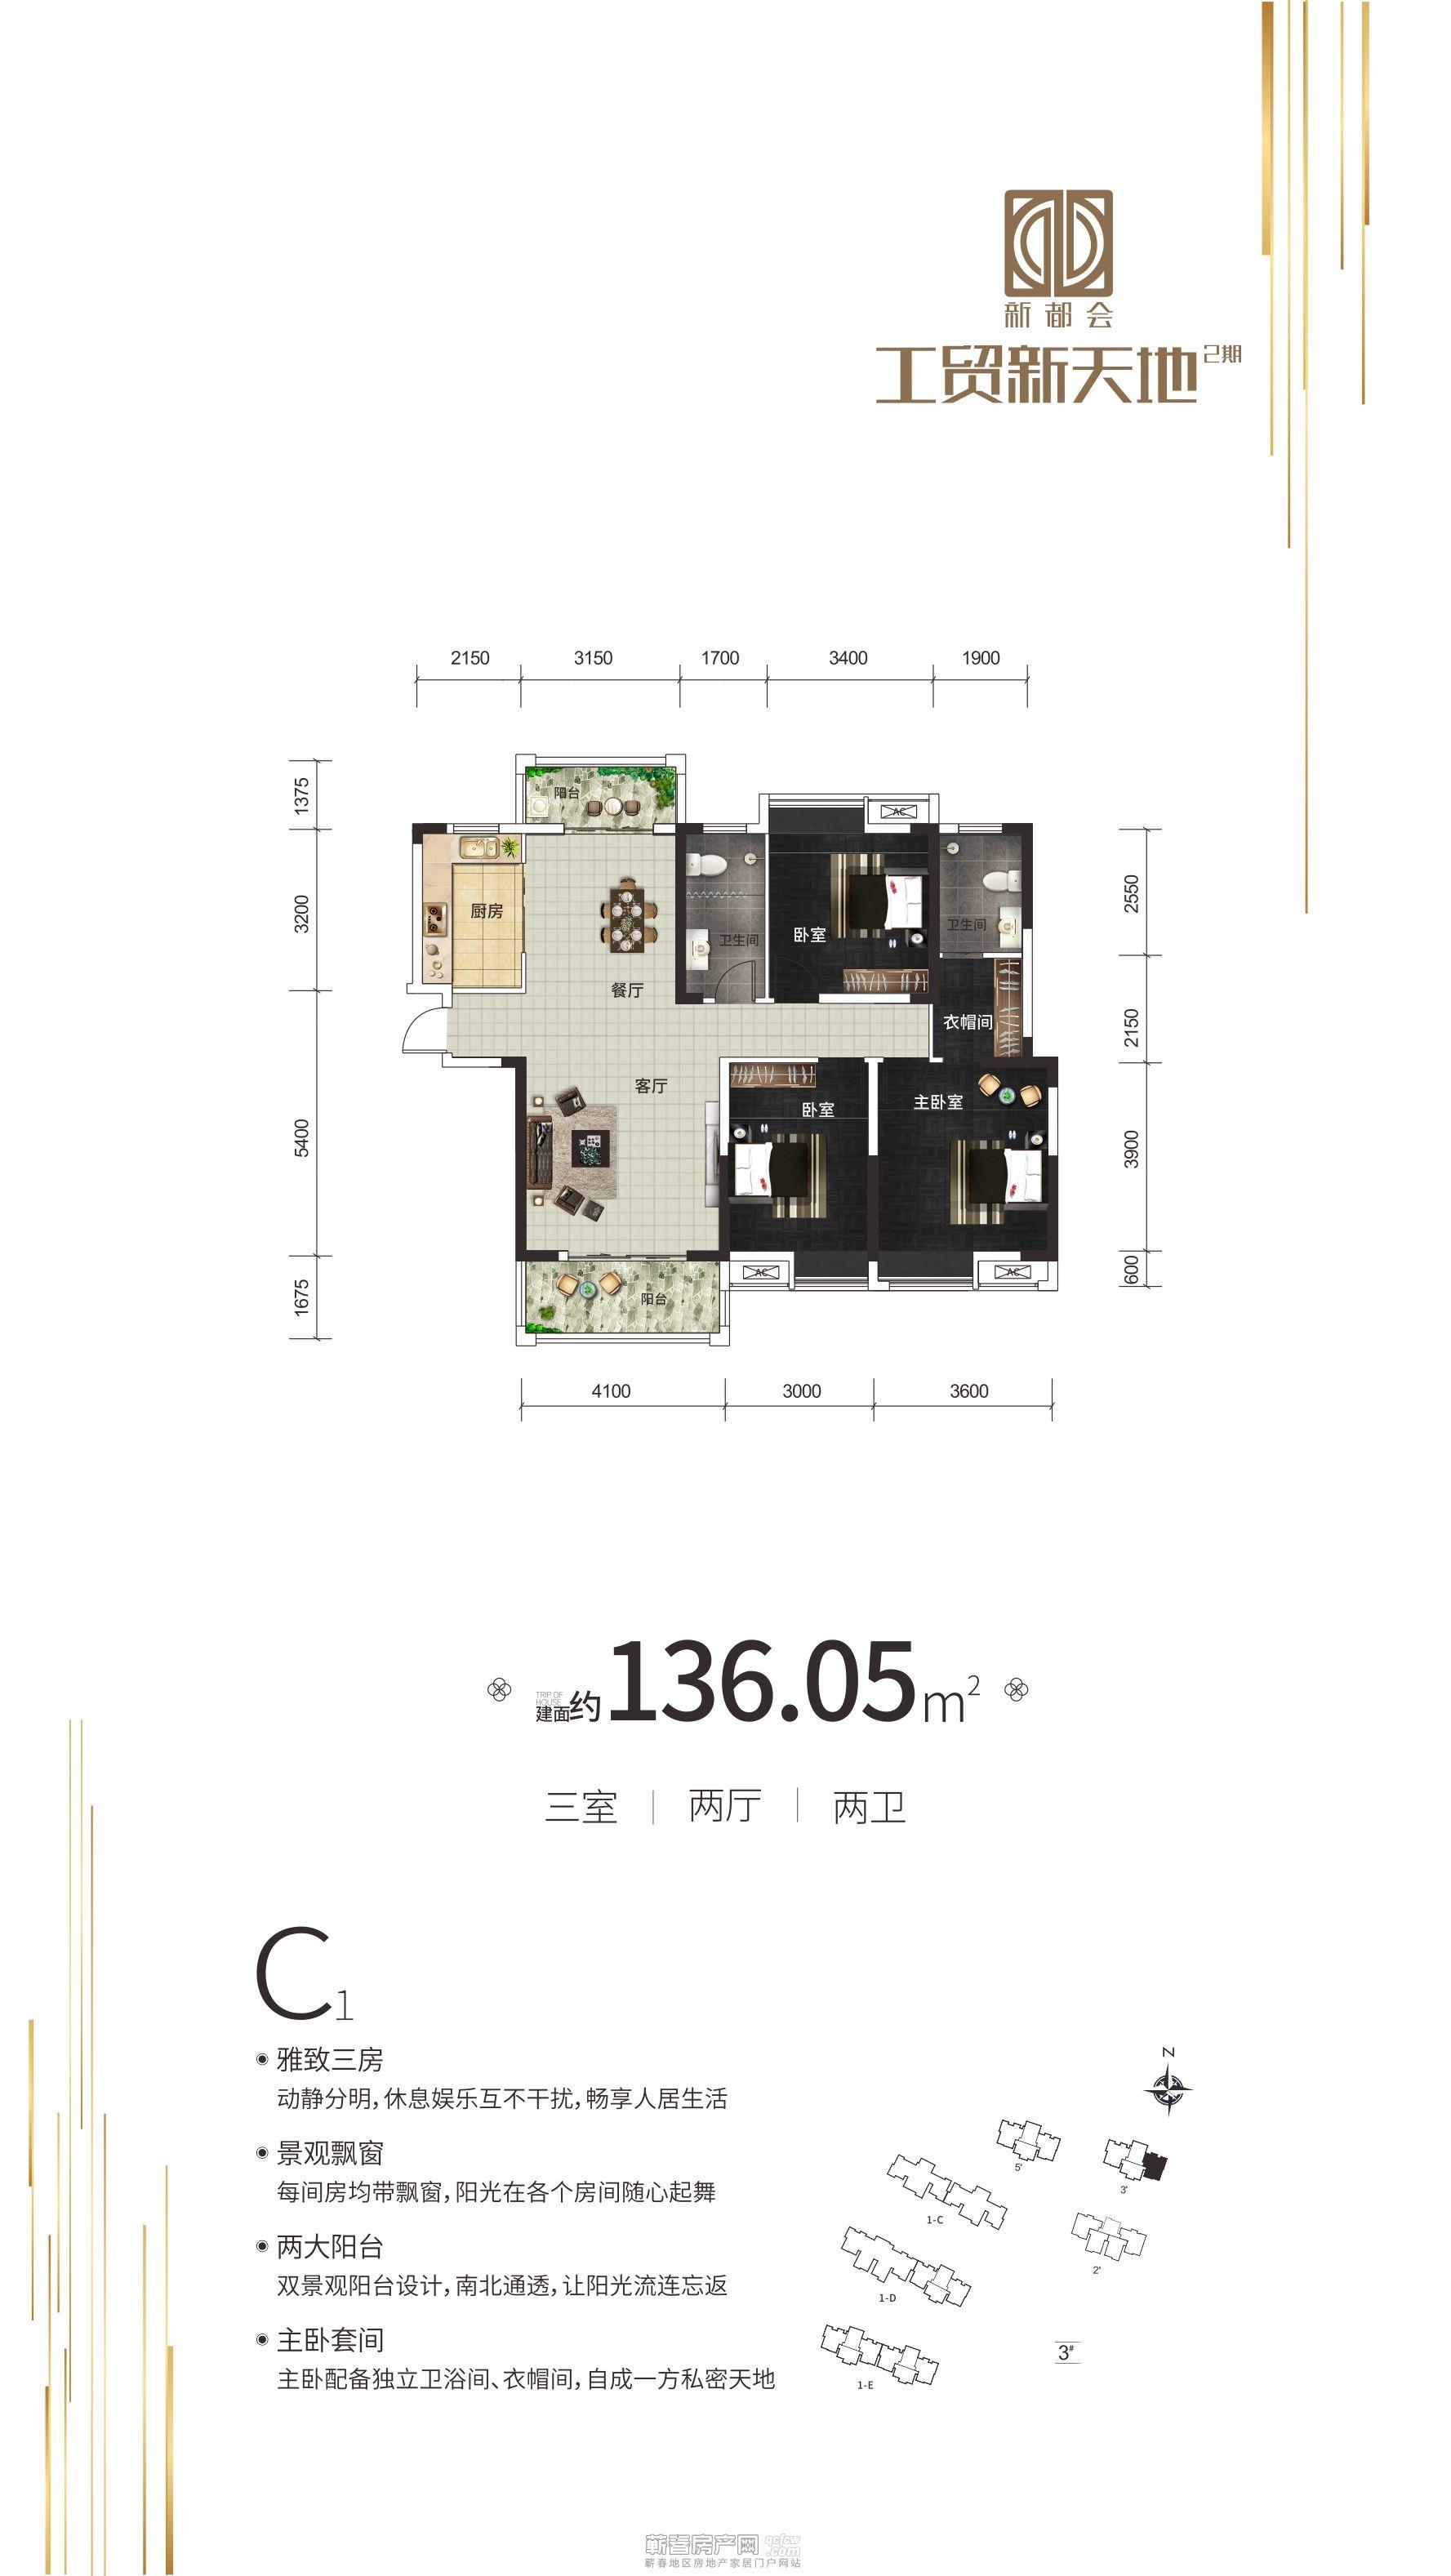 工贸新天地2期-新都会-3#C1户型136.05㎡户型